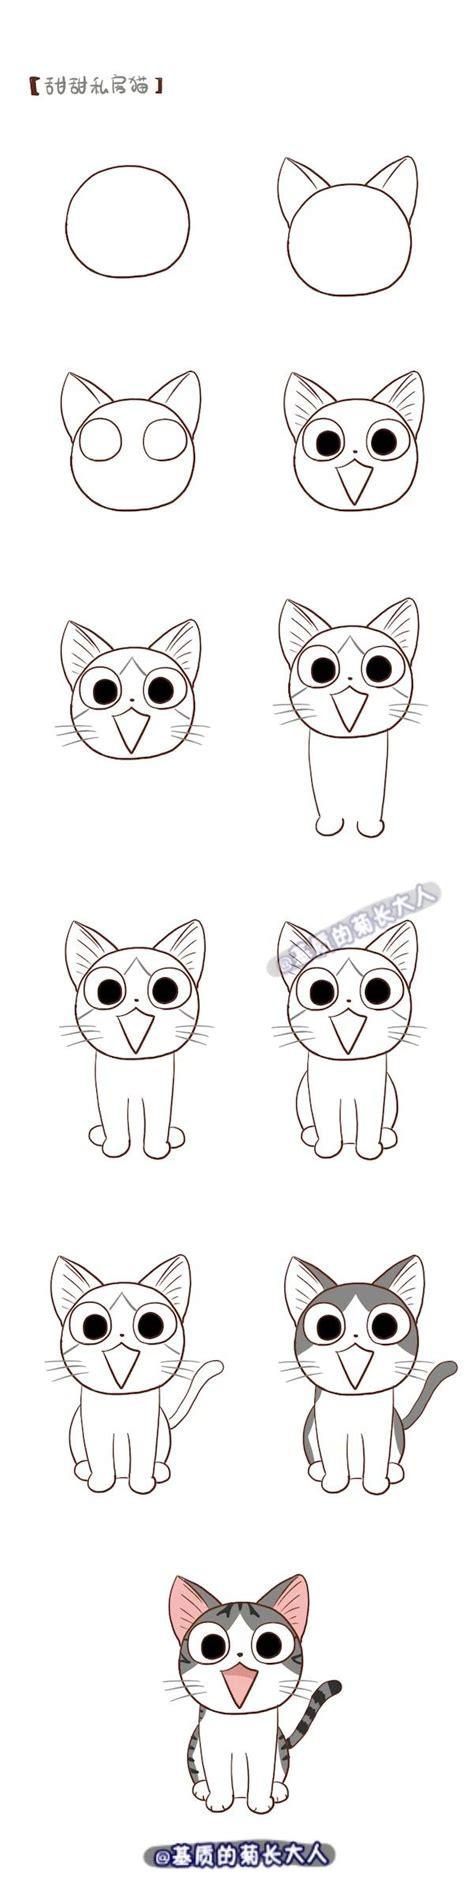 doodle cat drawings 25 best ideas about cat doodle on cat